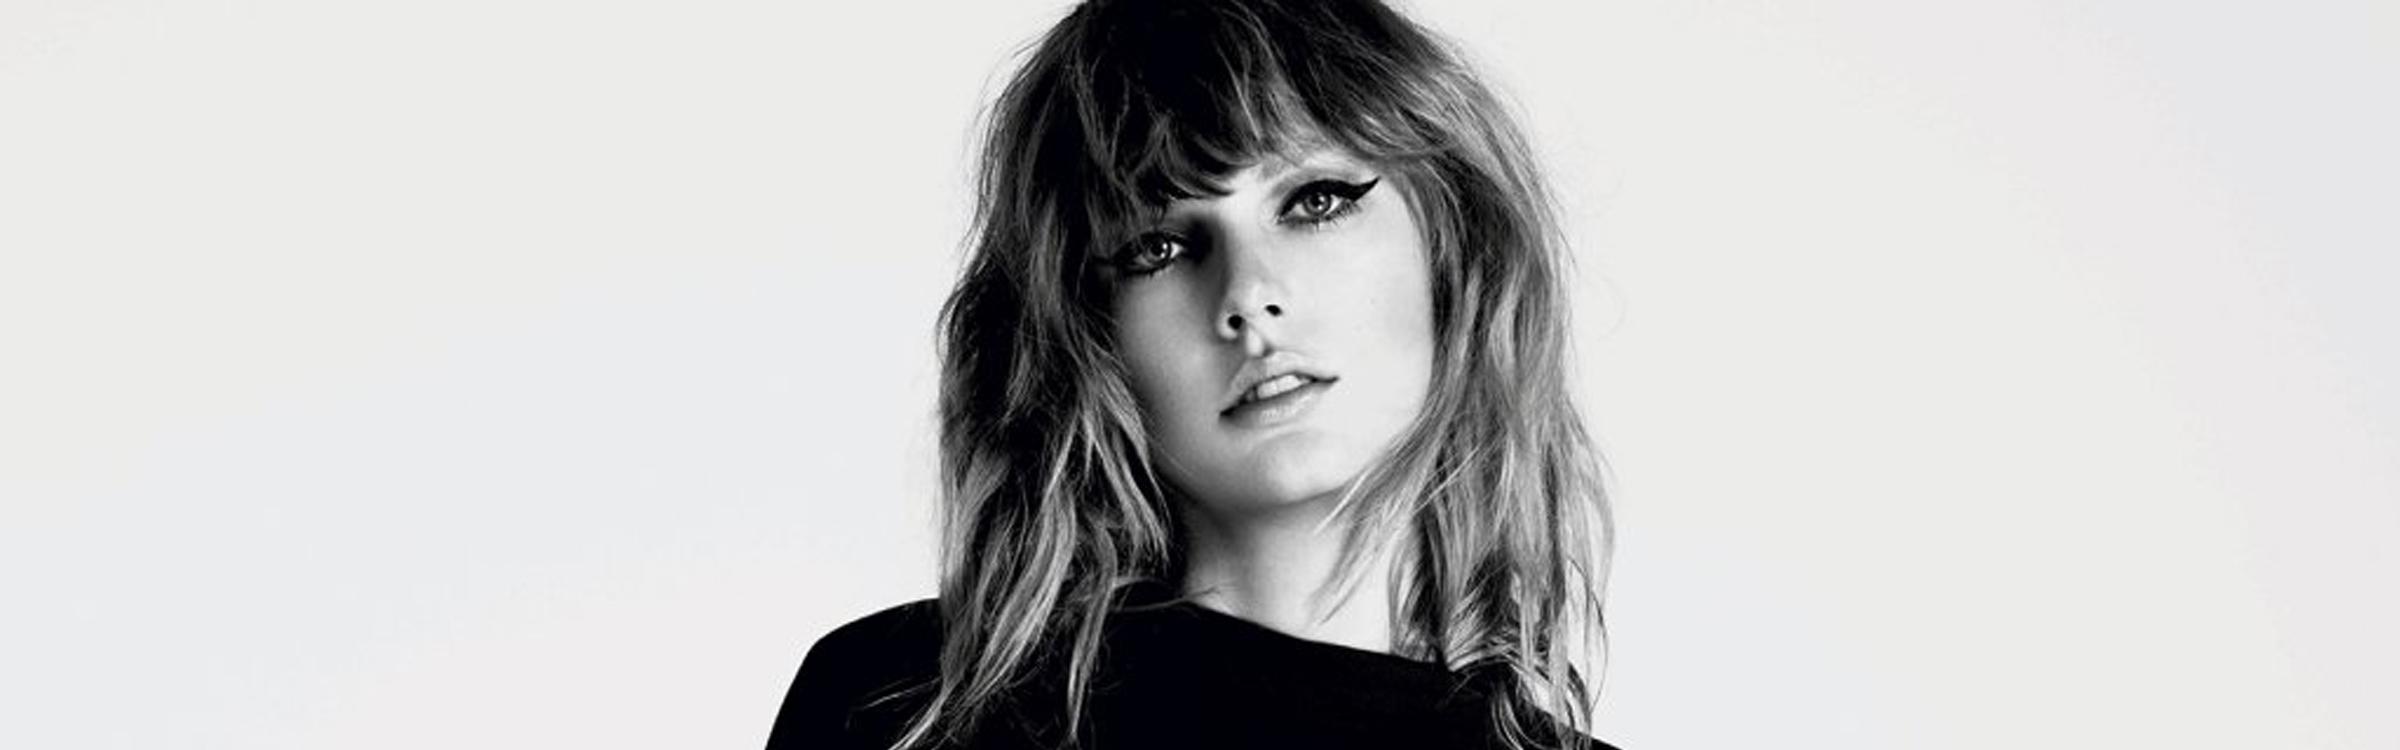 Taylor header